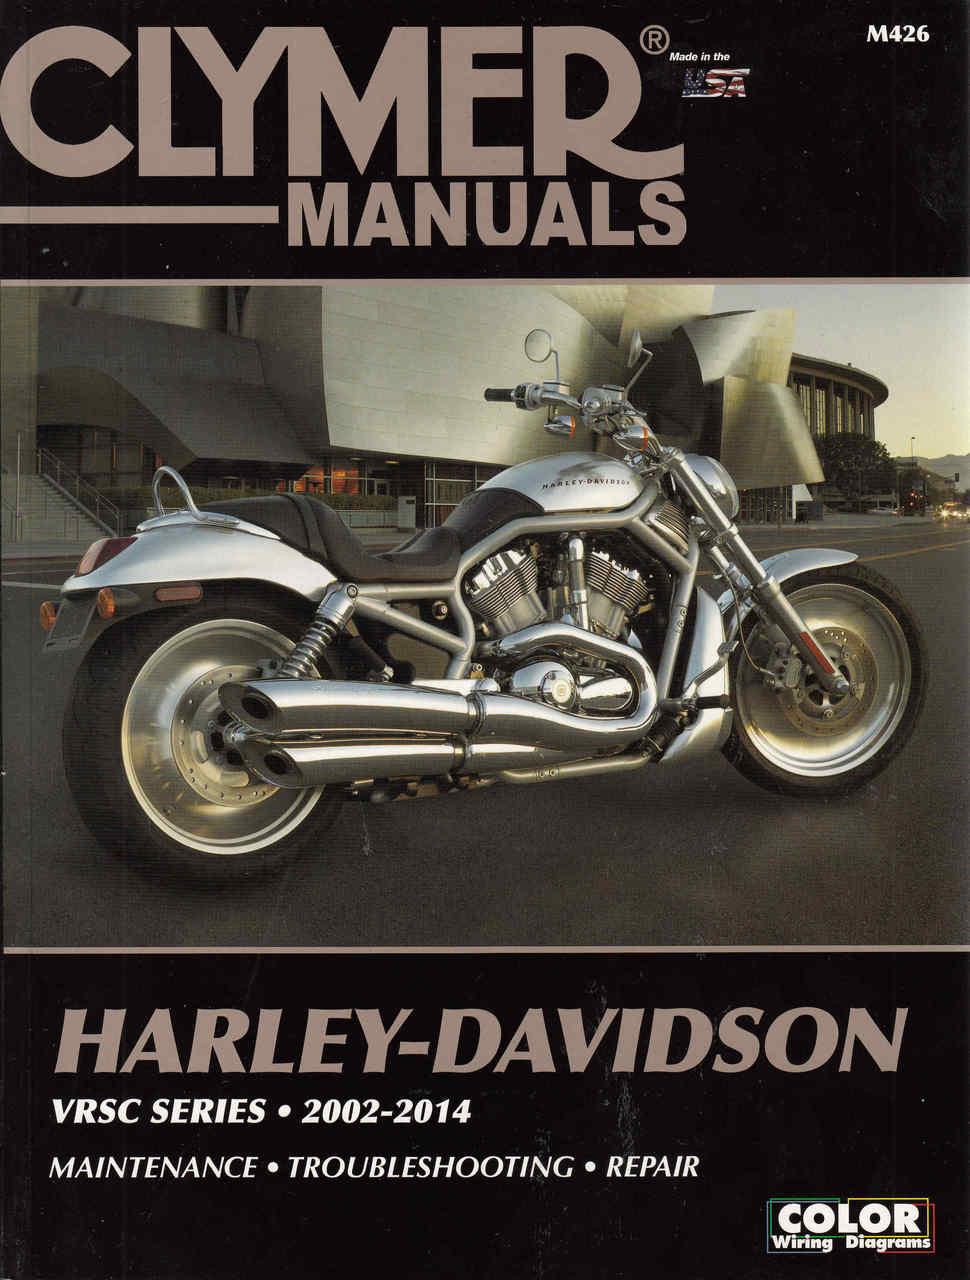 Harley-Davidson VRSC Series 2002 - 2014 Workshop Manual on